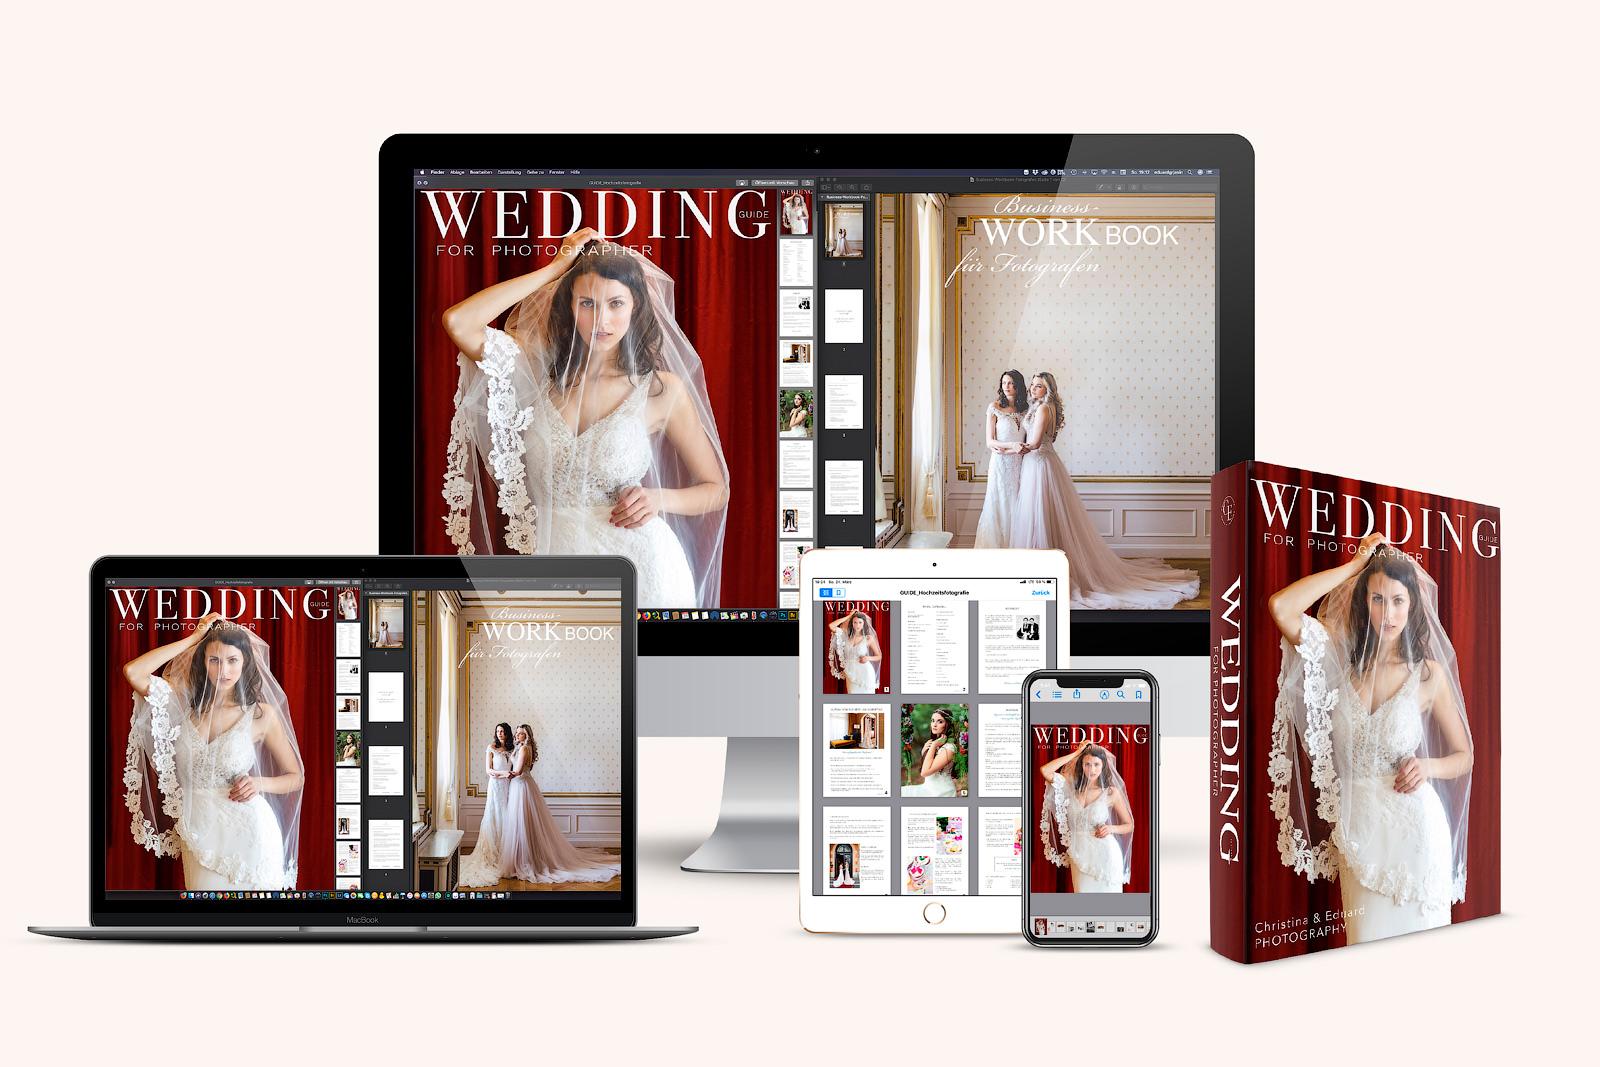 Hochzeitsfotografie Handbuch mit Workbook